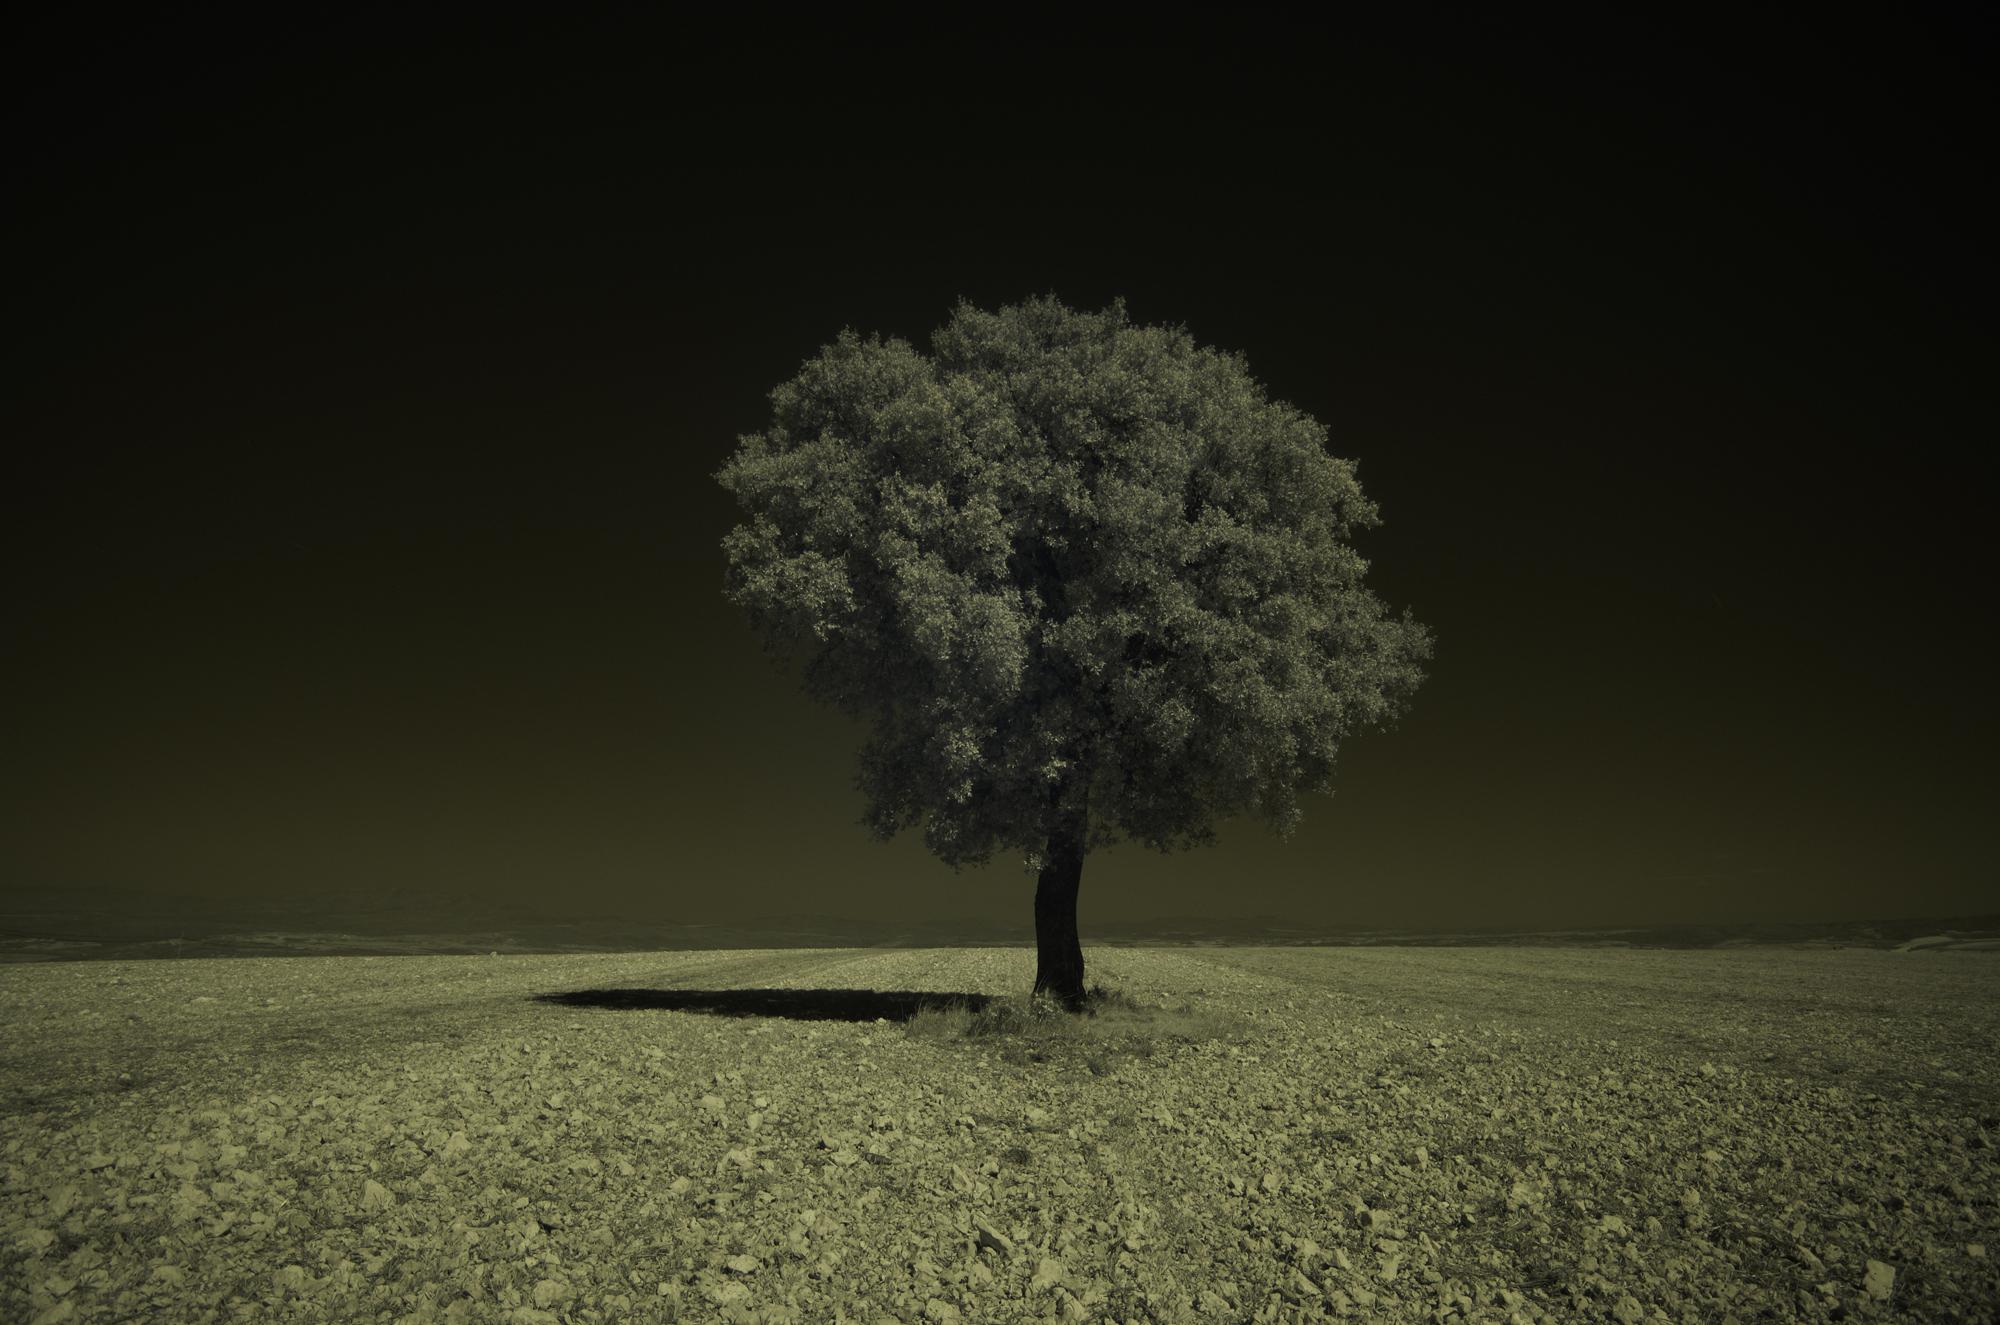 Как превратить пейзажное фото в сюрреалистическое инфракрасное изображение - 3a